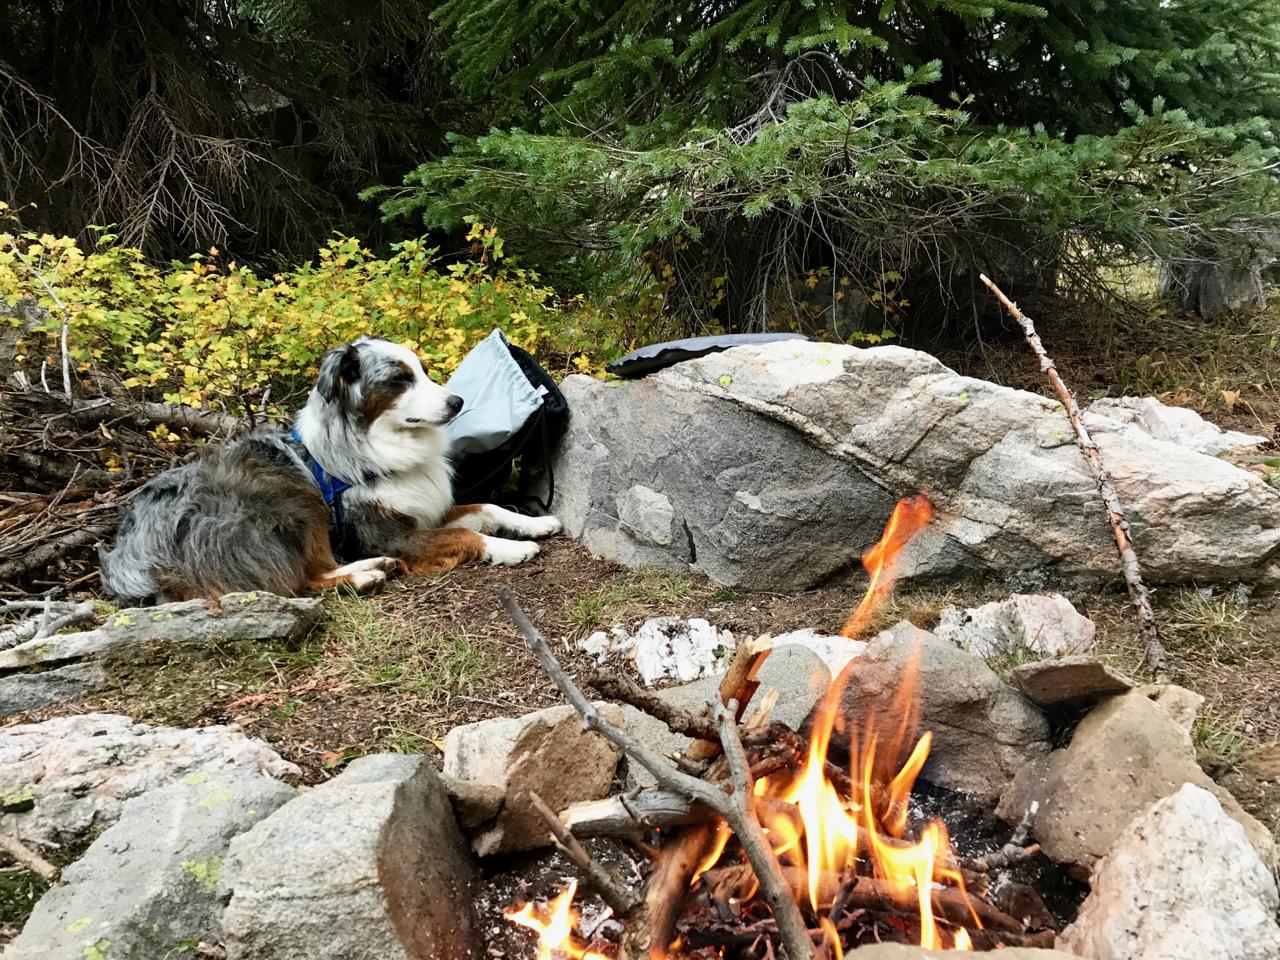 Campfire at Gold Creek